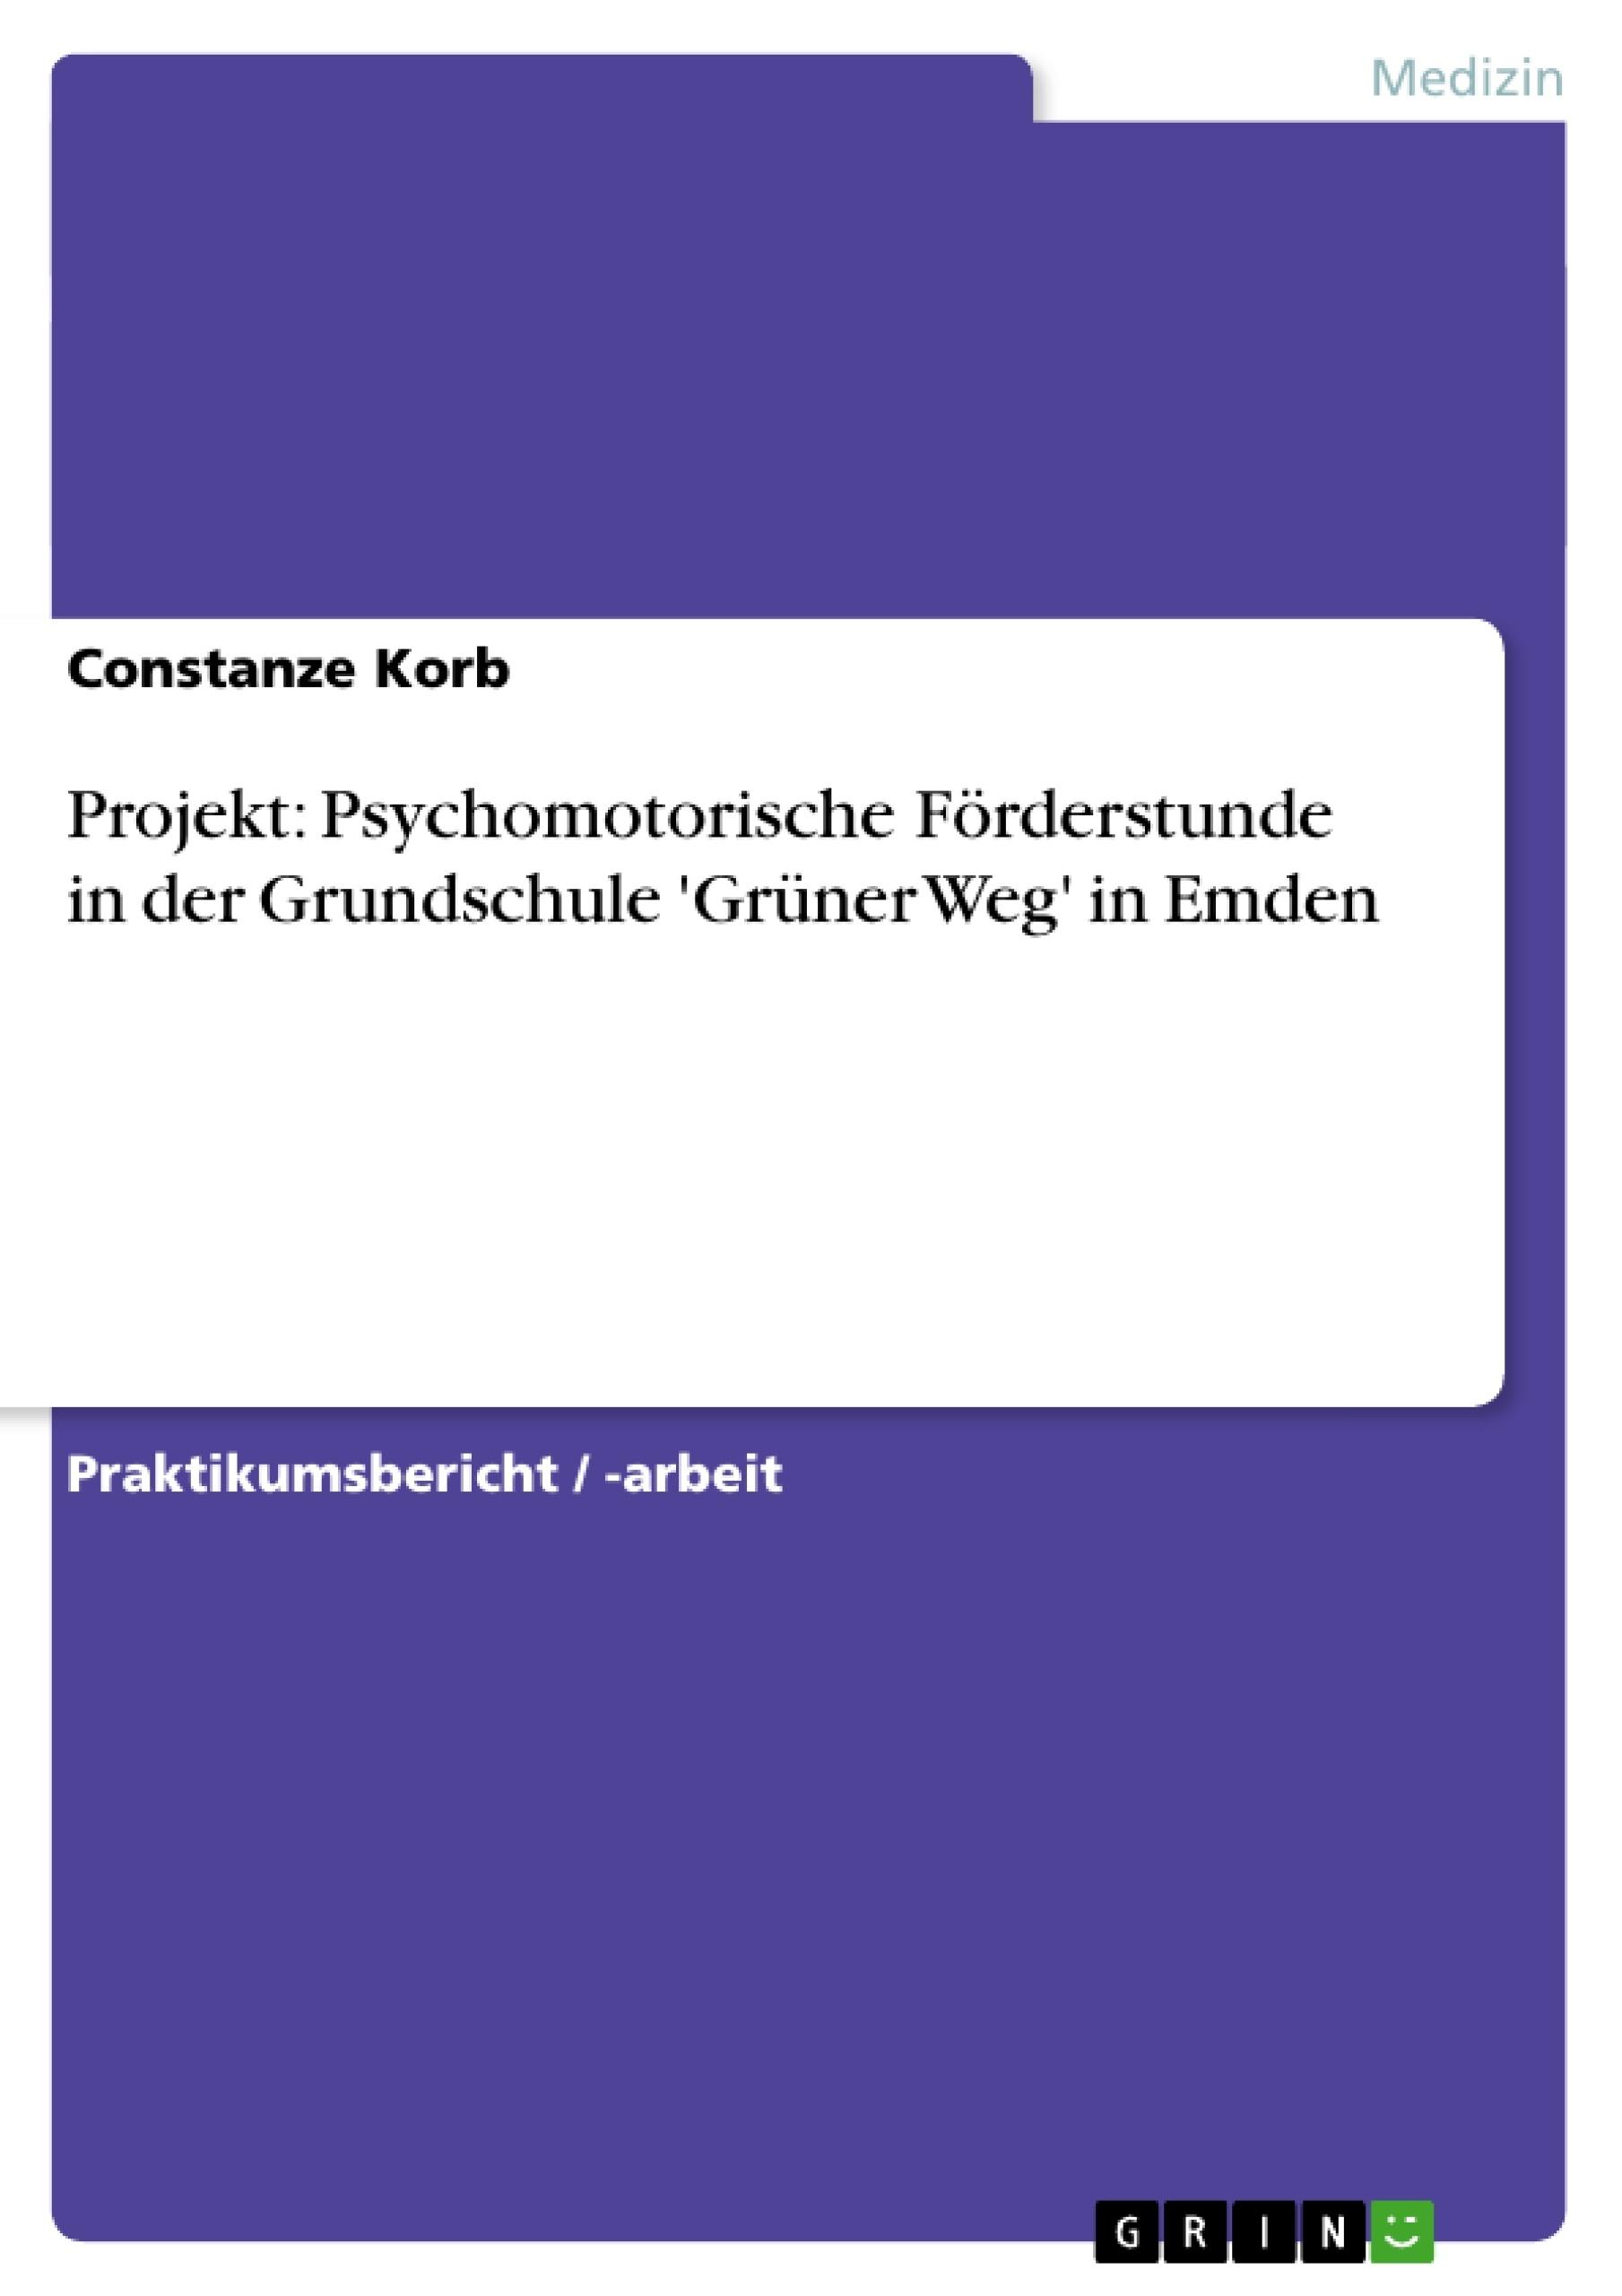 Titel: Projekt: Psychomotorische Förderstunde in der Grundschule 'Grüner Weg' in Emden